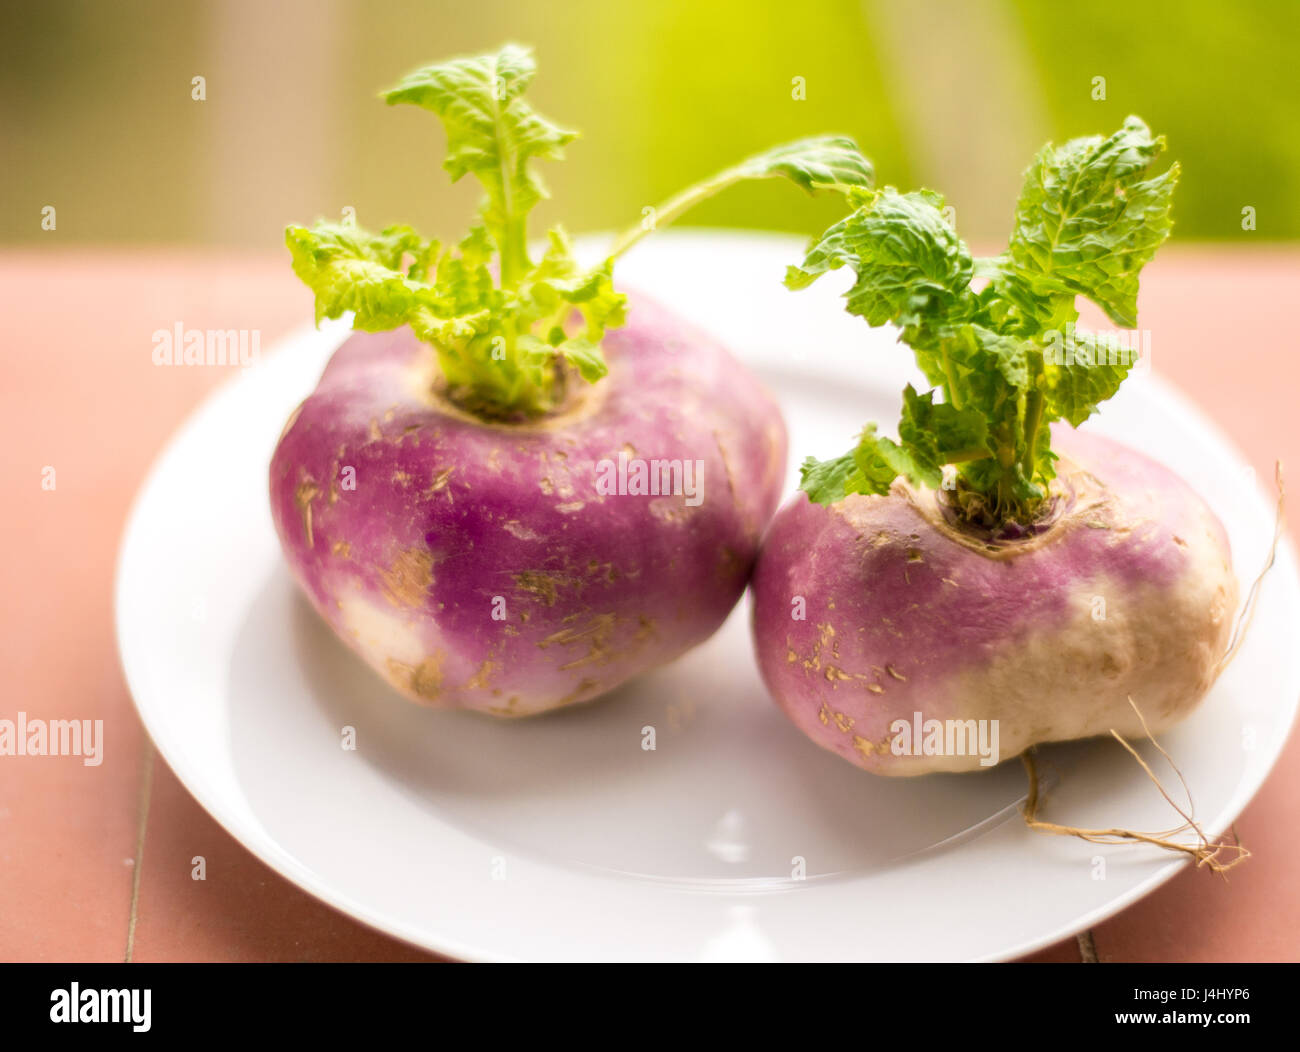 Primo piano di due organici rape viola con foglie su una piastra bianca in un paese impostazione di stile Immagini Stock